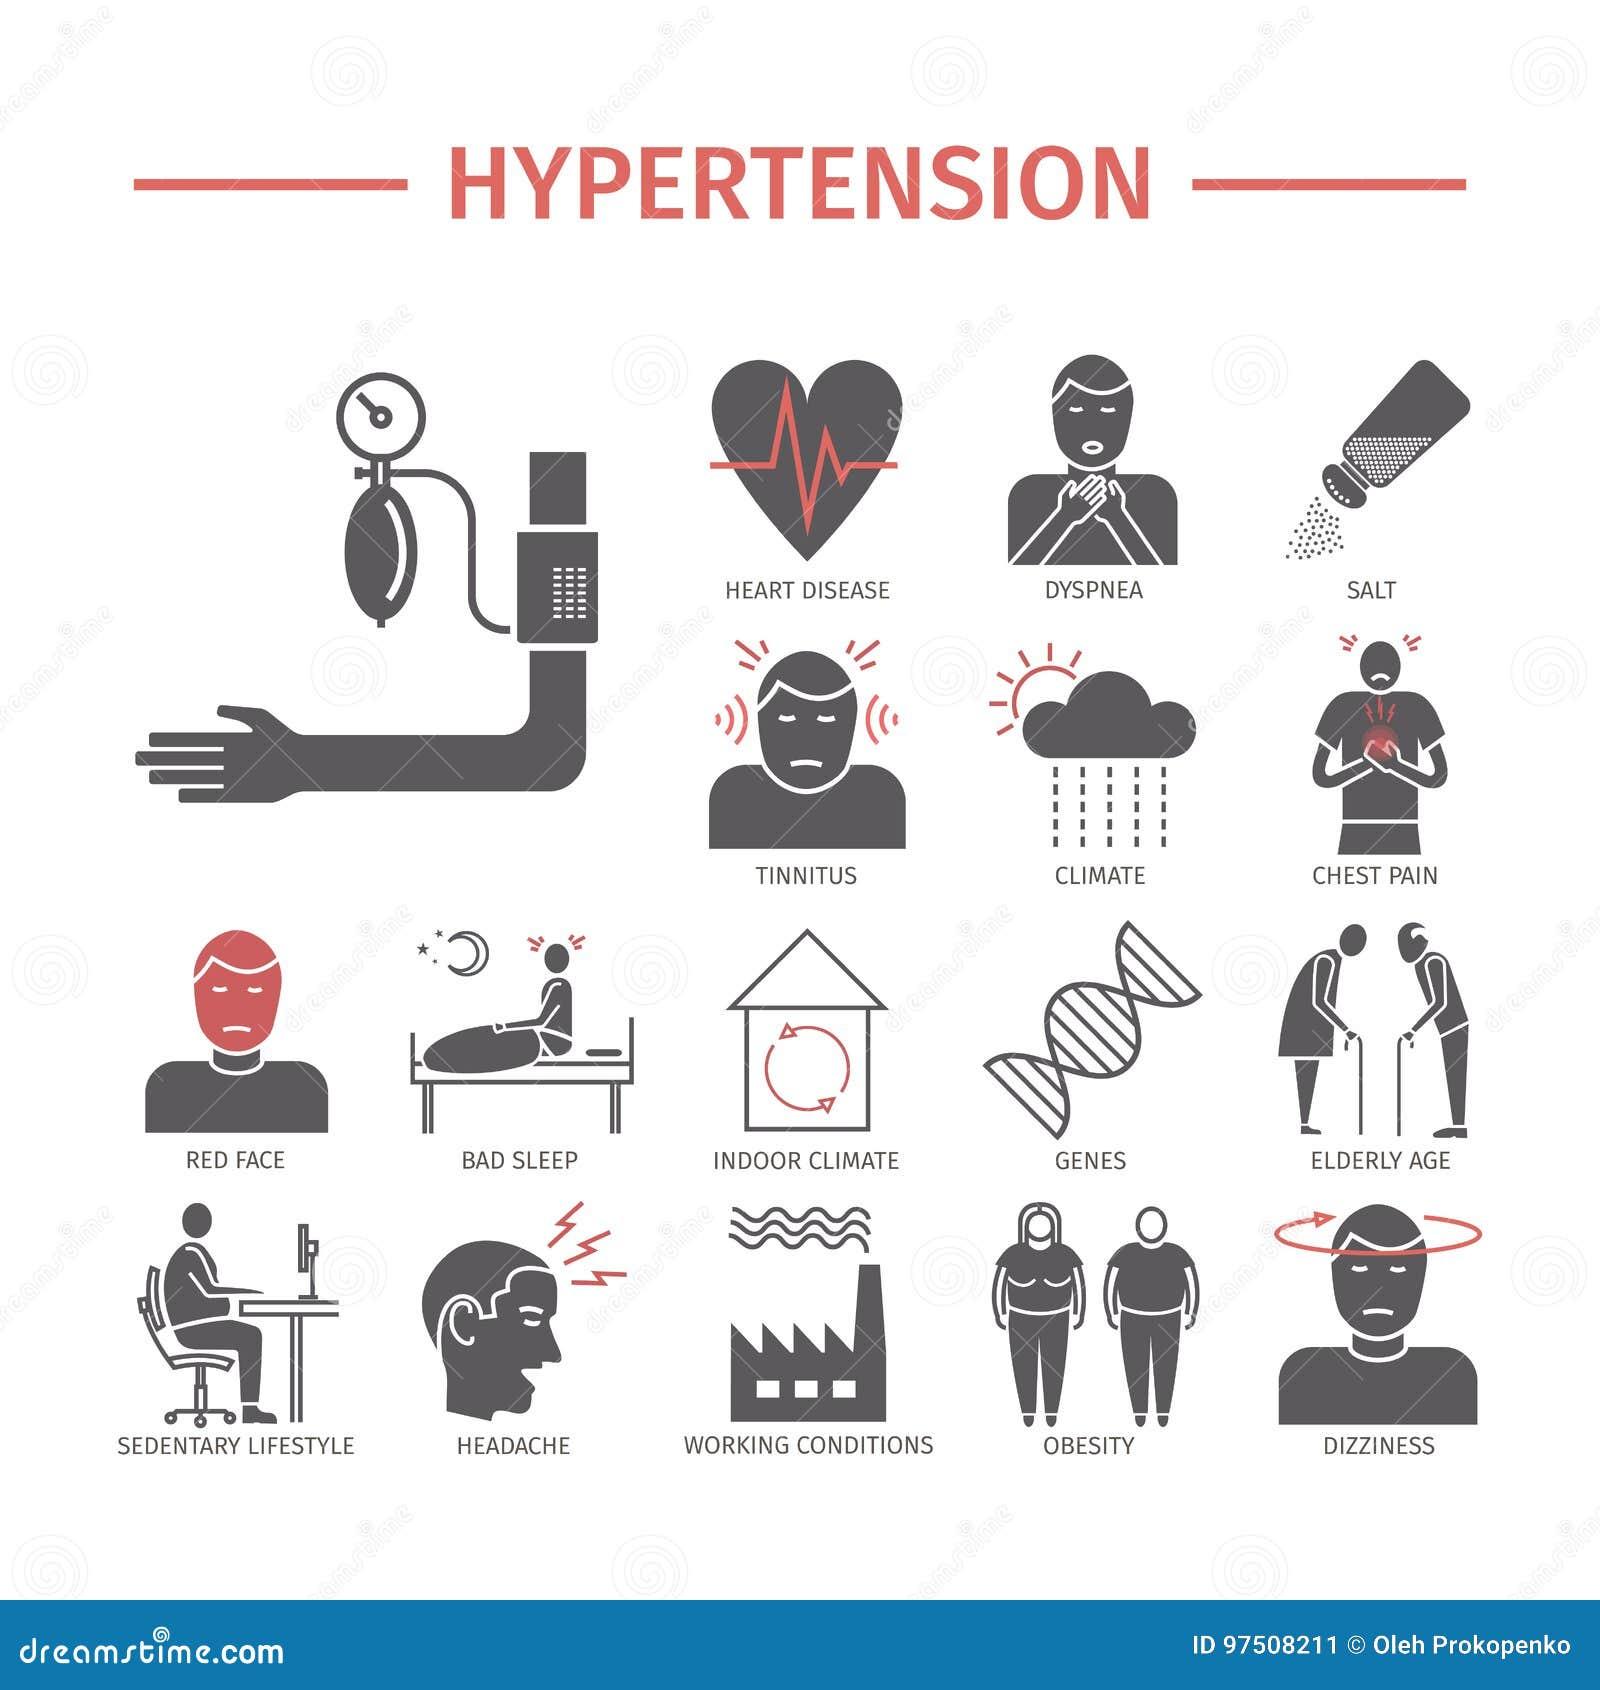 Tensión artérielle elevee síntomas